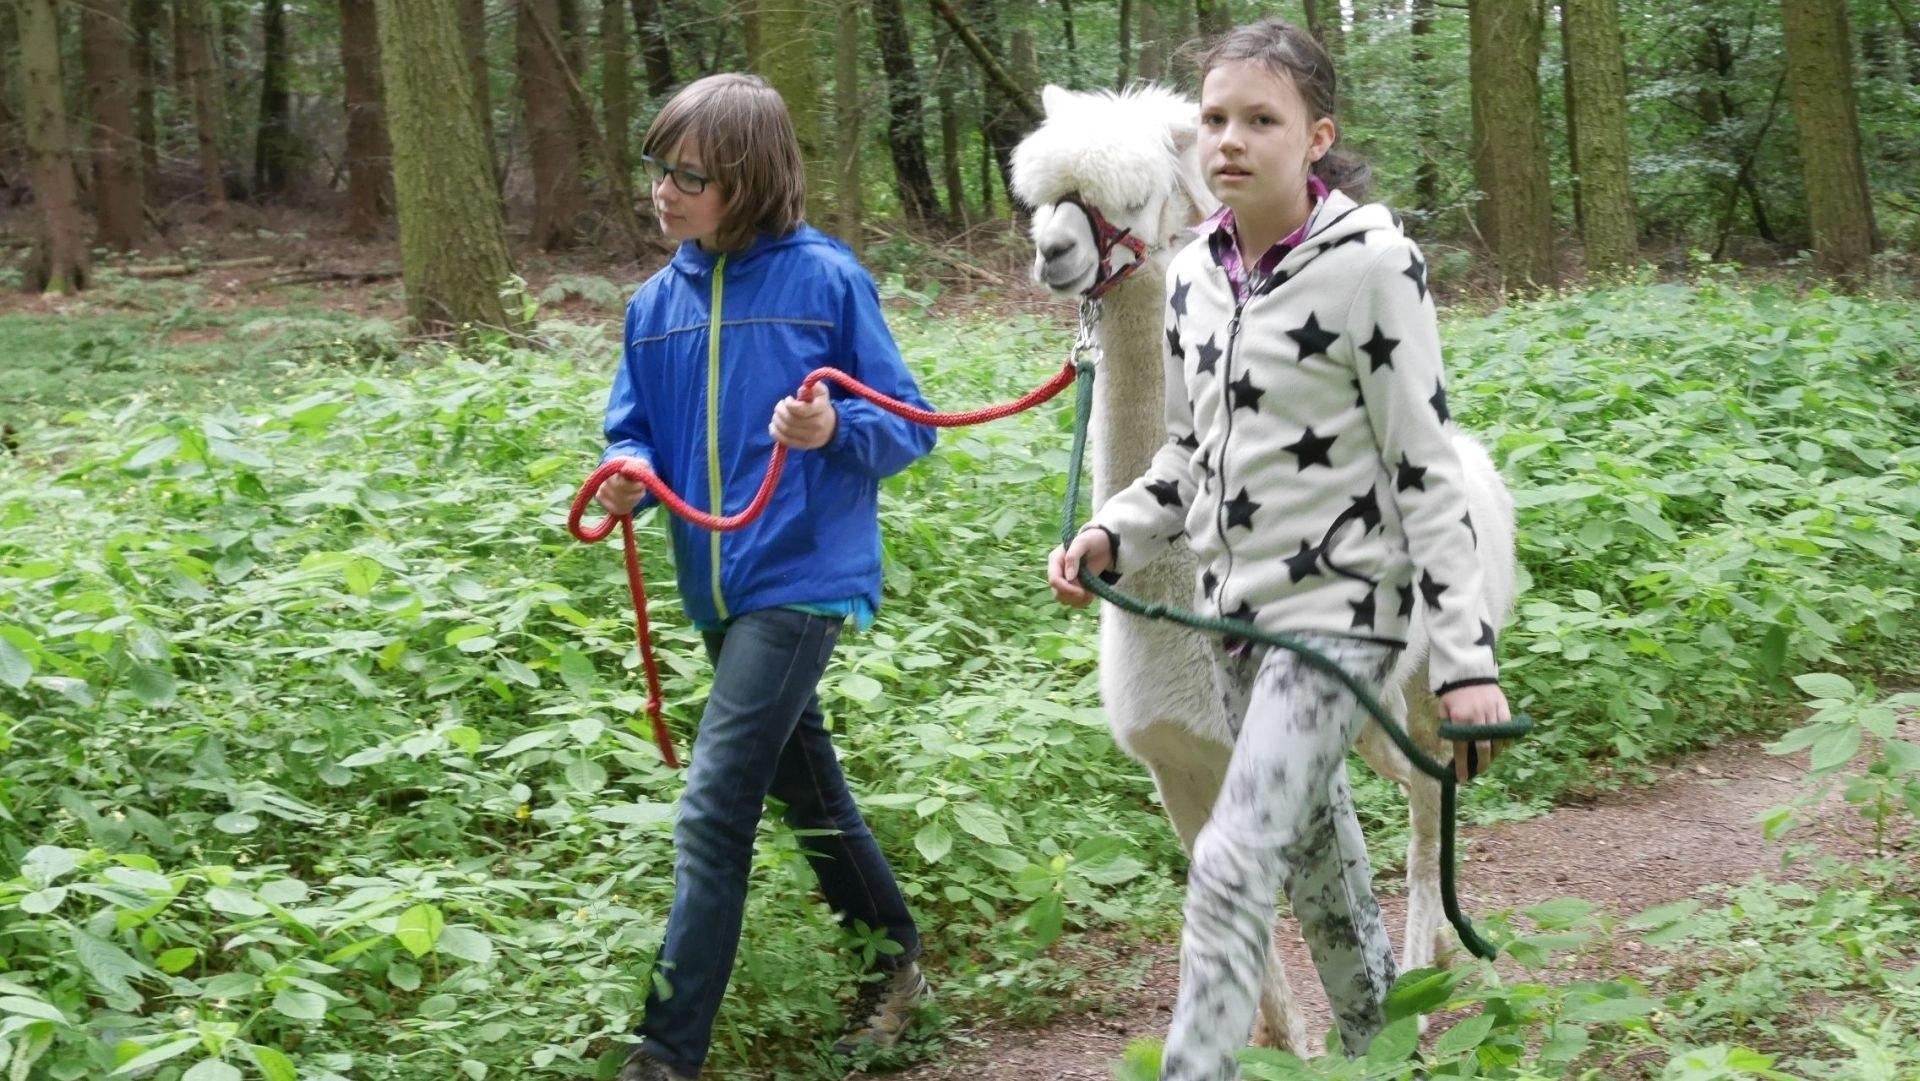 Kinder erleben mit den Alpakas die Natur, © Lena Marie Hahn